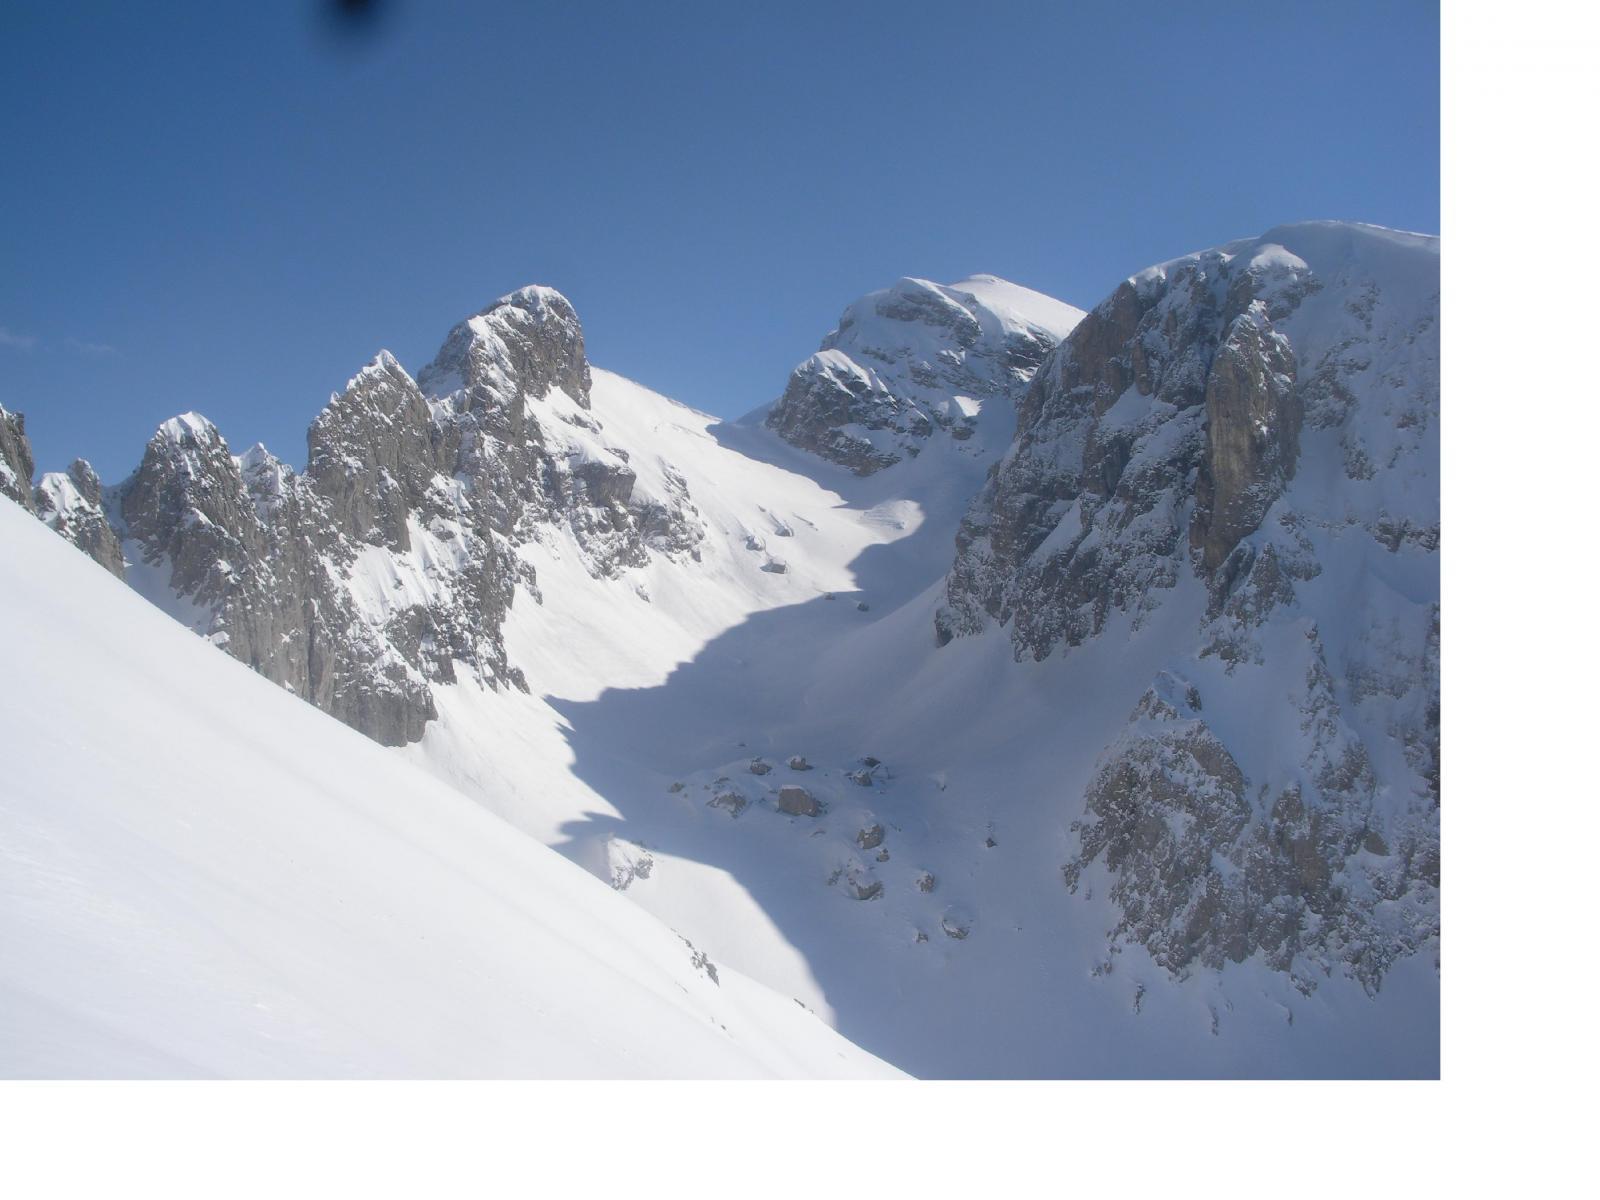 Jurin (Monte) e Punta Mirauda da Limone Piemonte, anello 2014-03-06